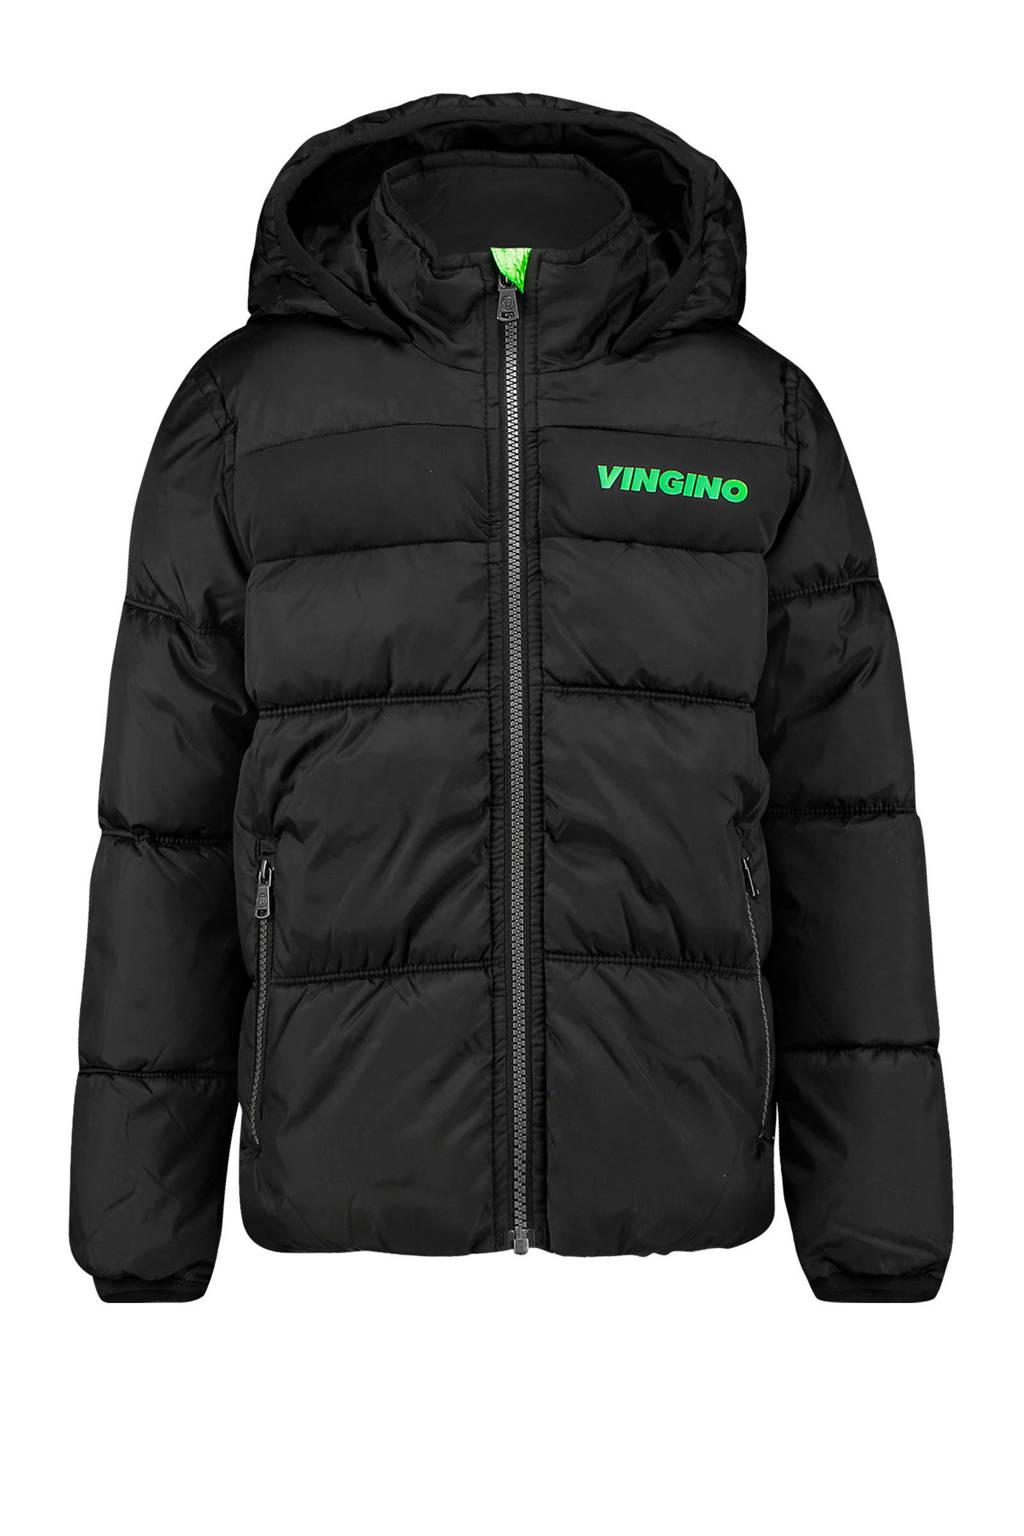 Vingino gewatteerde winterjas Thor met logo zwart, Zwart